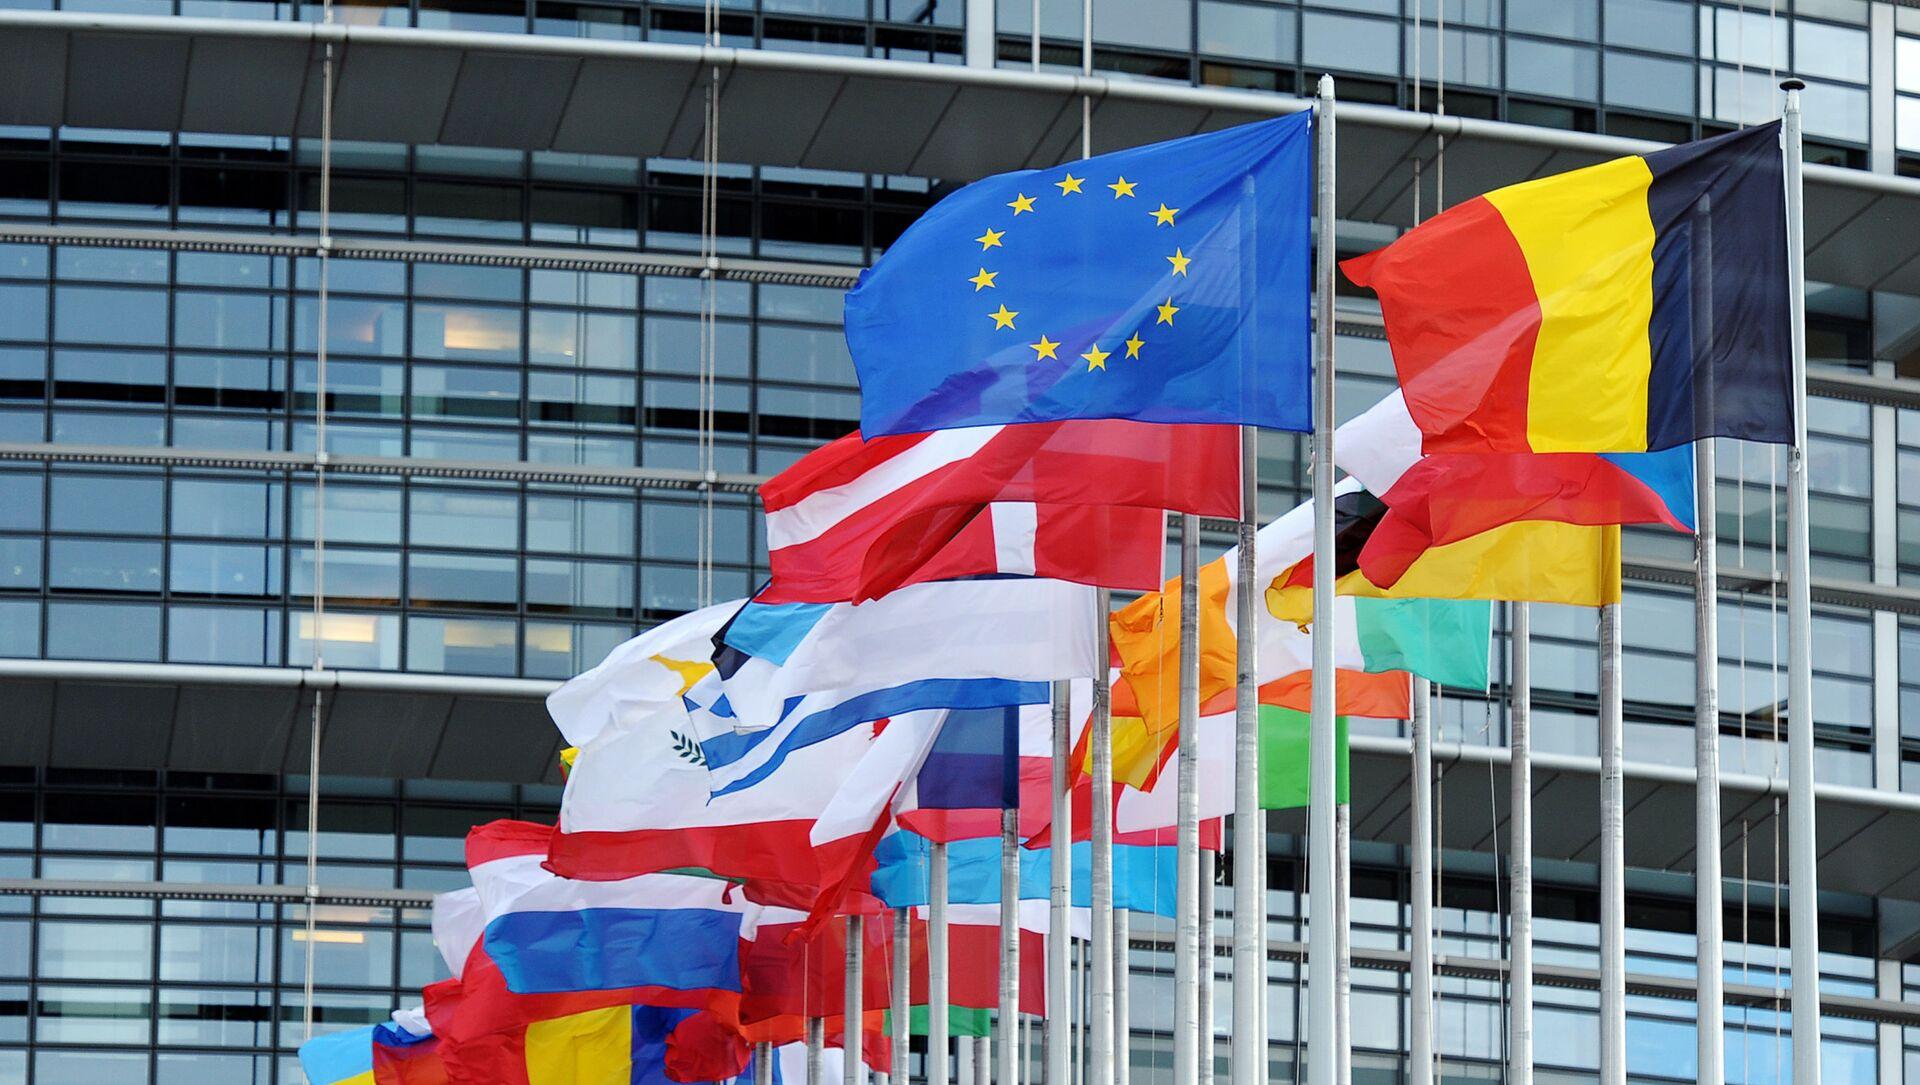 Le bandiere dell'UE e dei paesi membri di fronte al Parlamento Europeo - Sputnik Italia, 1920, 28.04.2021